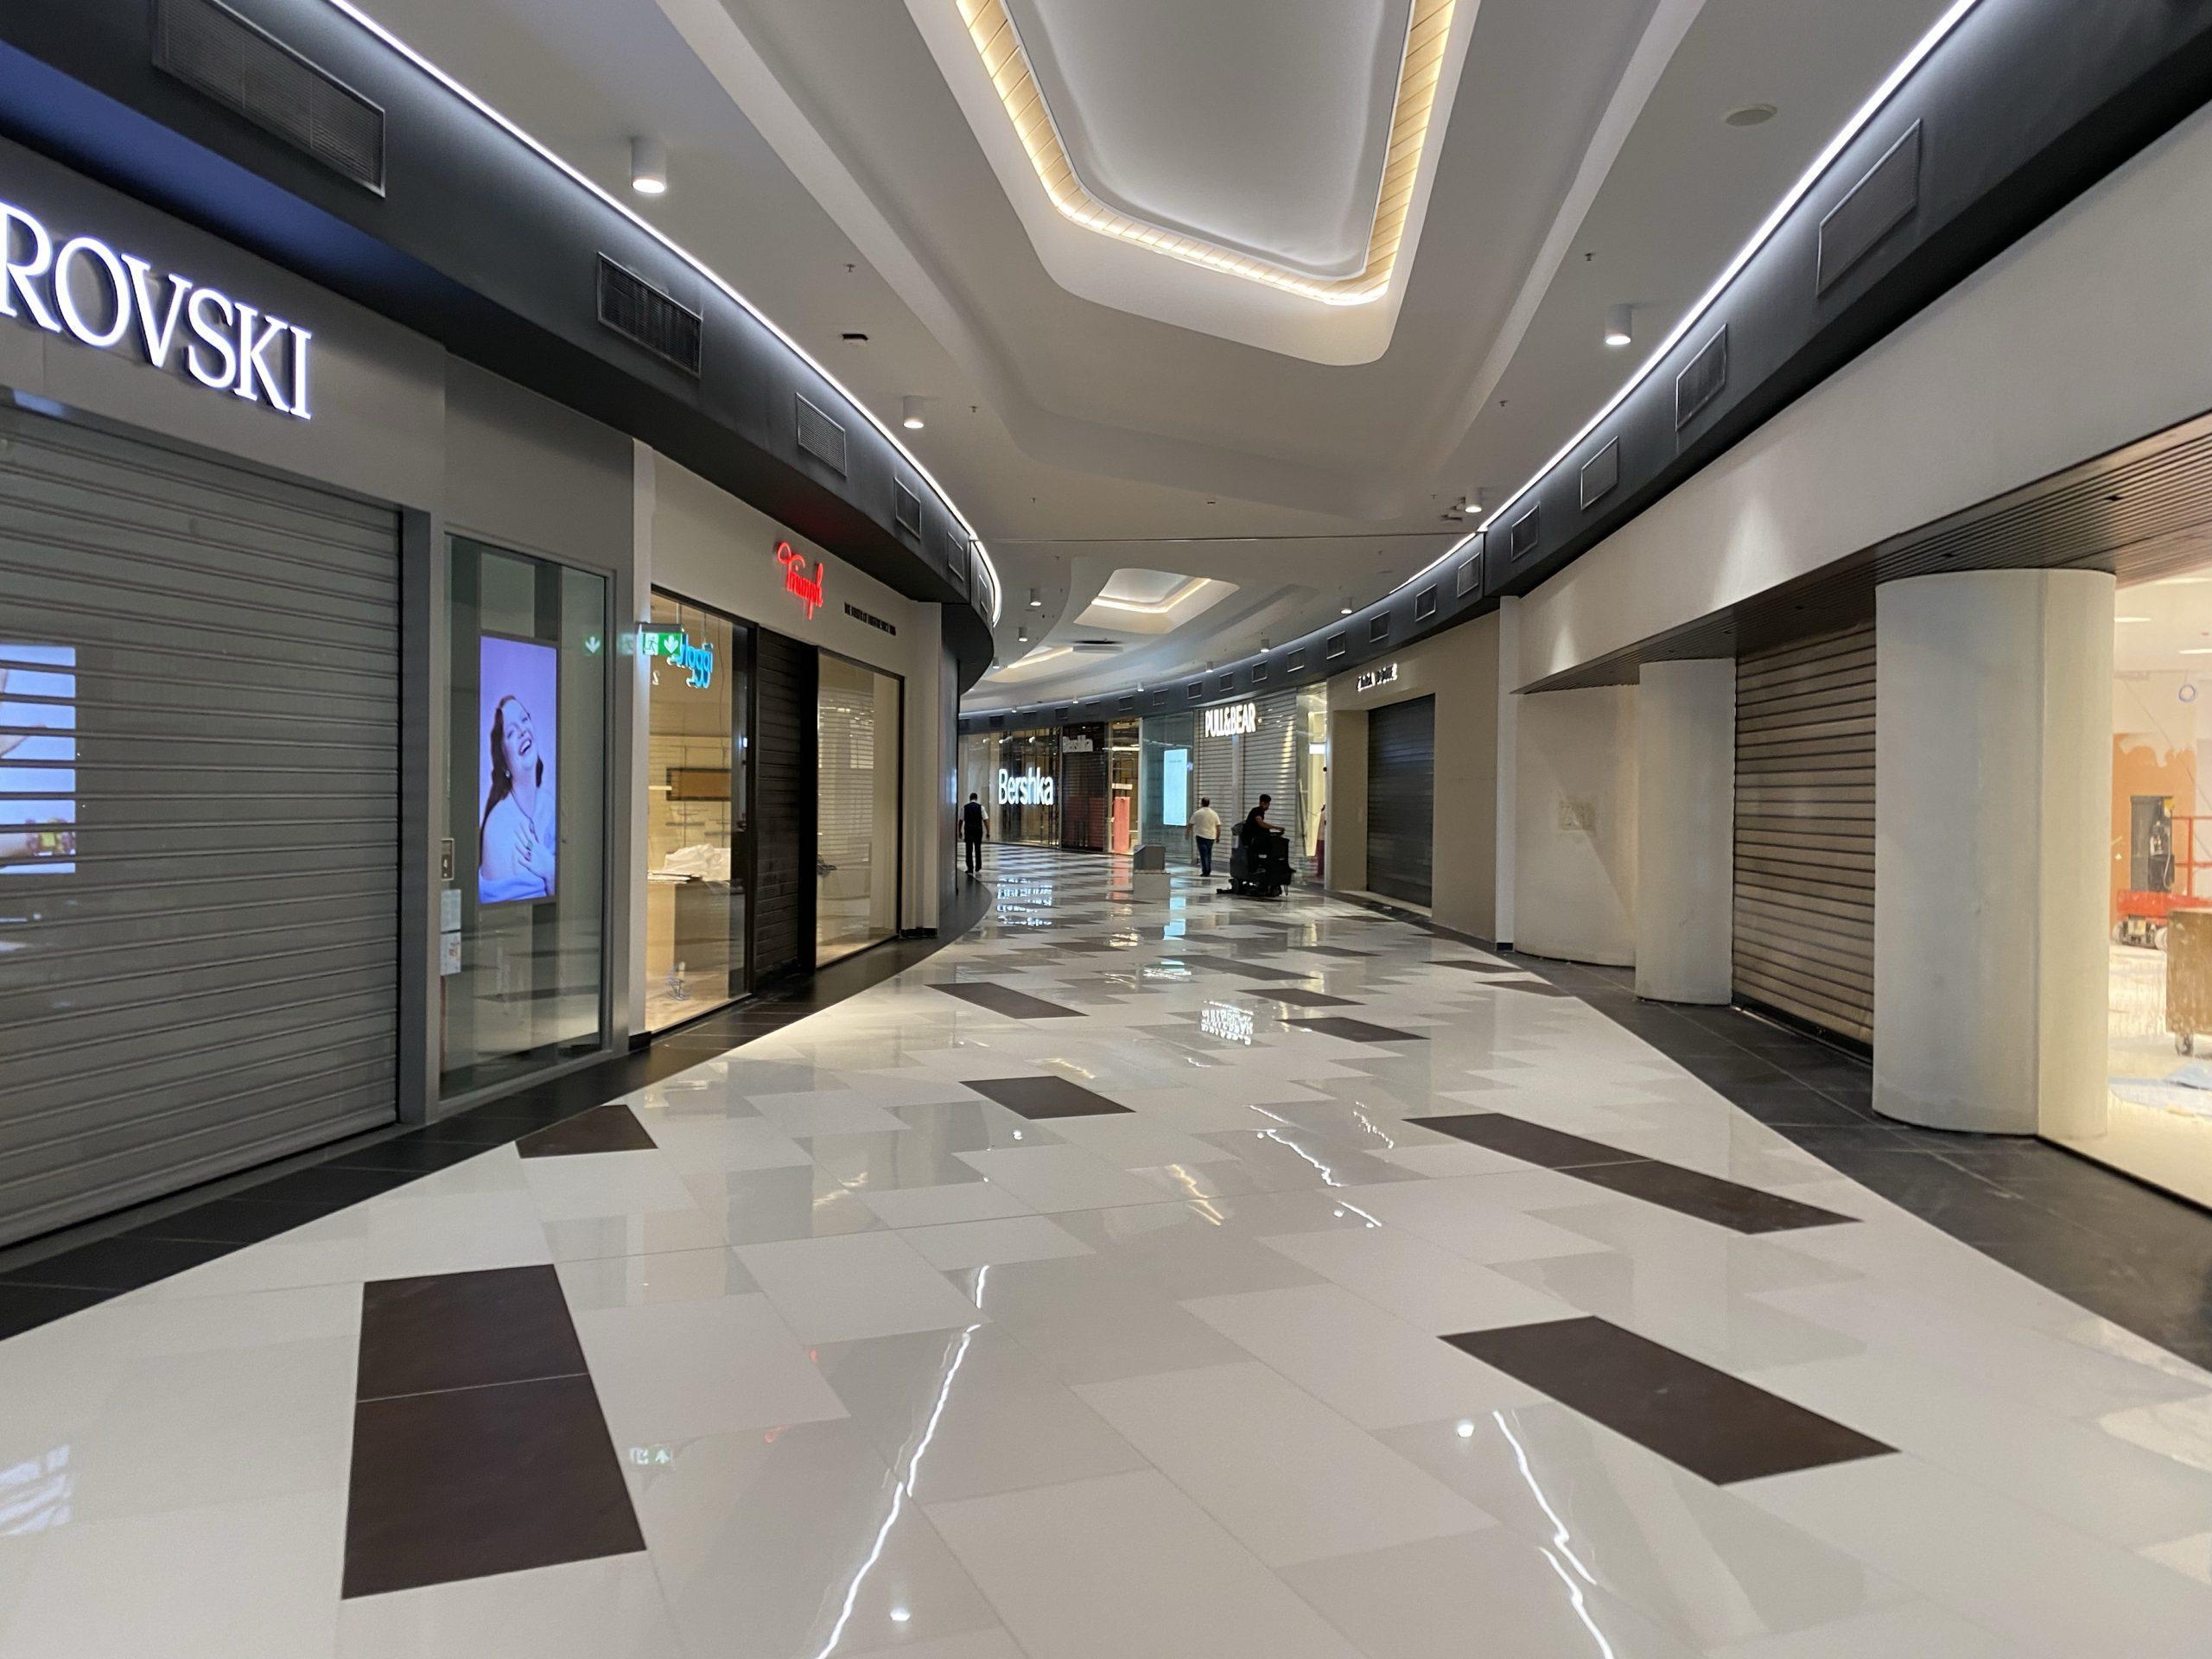 В Ларнаке состоялось долгожданное открытие Metropolis Mall